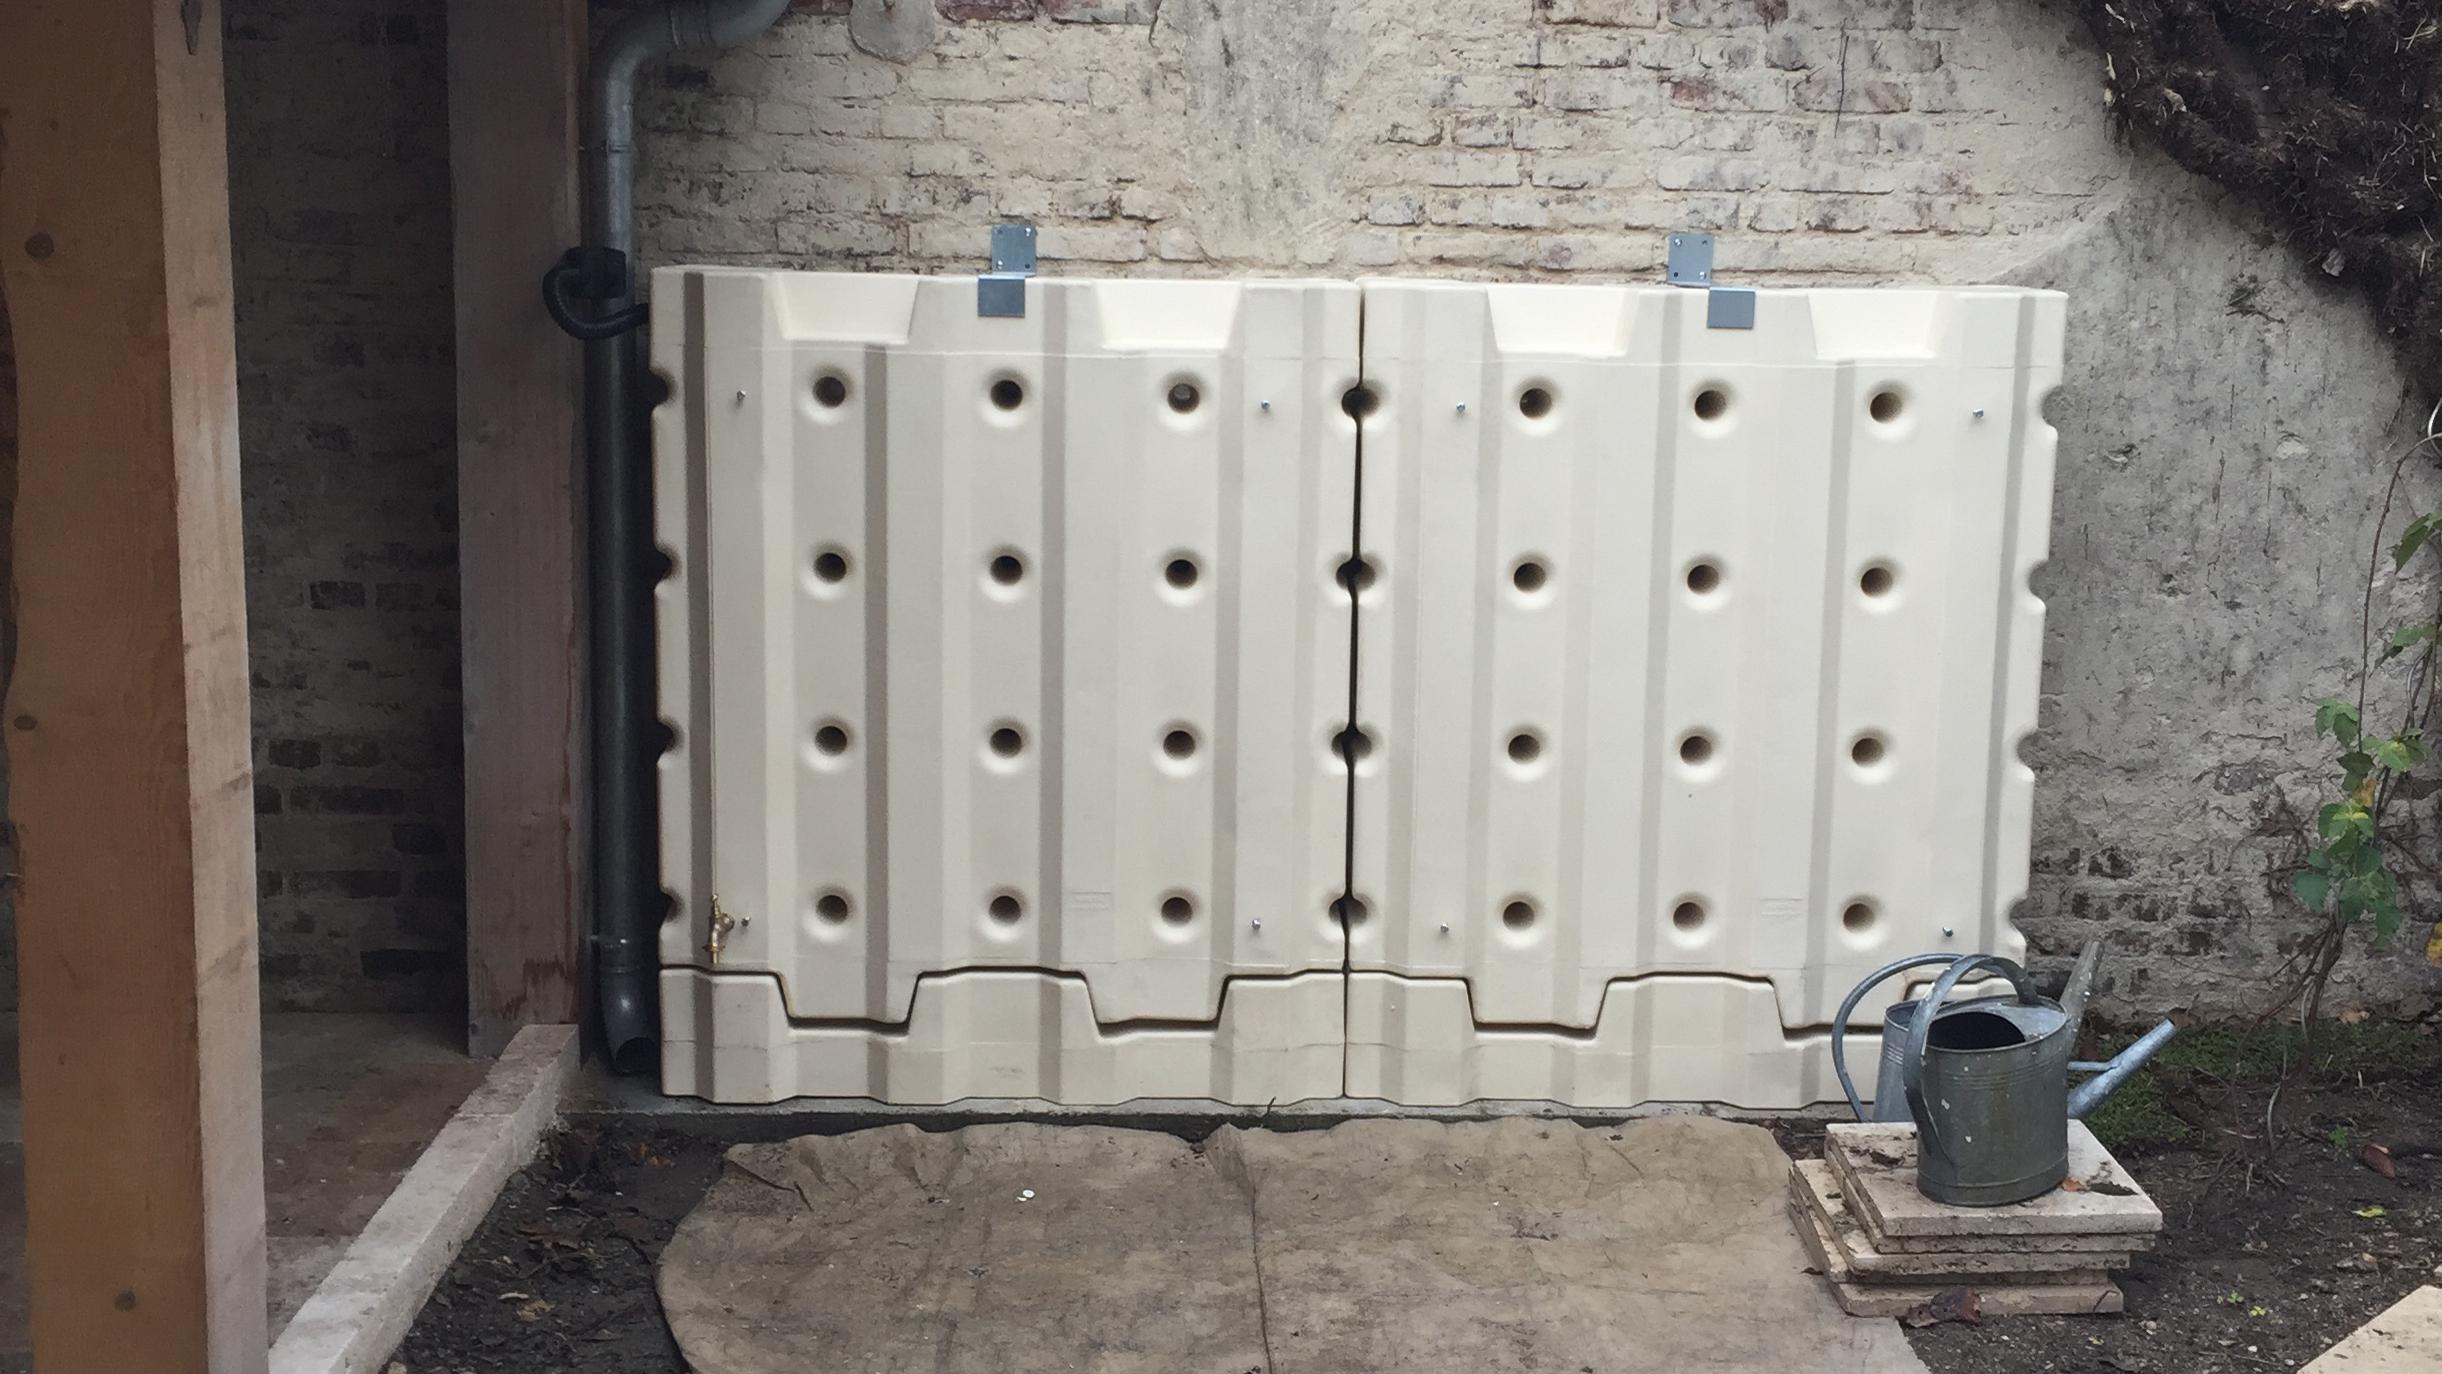 MURDEAU réservoir modulable pour la récupération d'eau de pluie